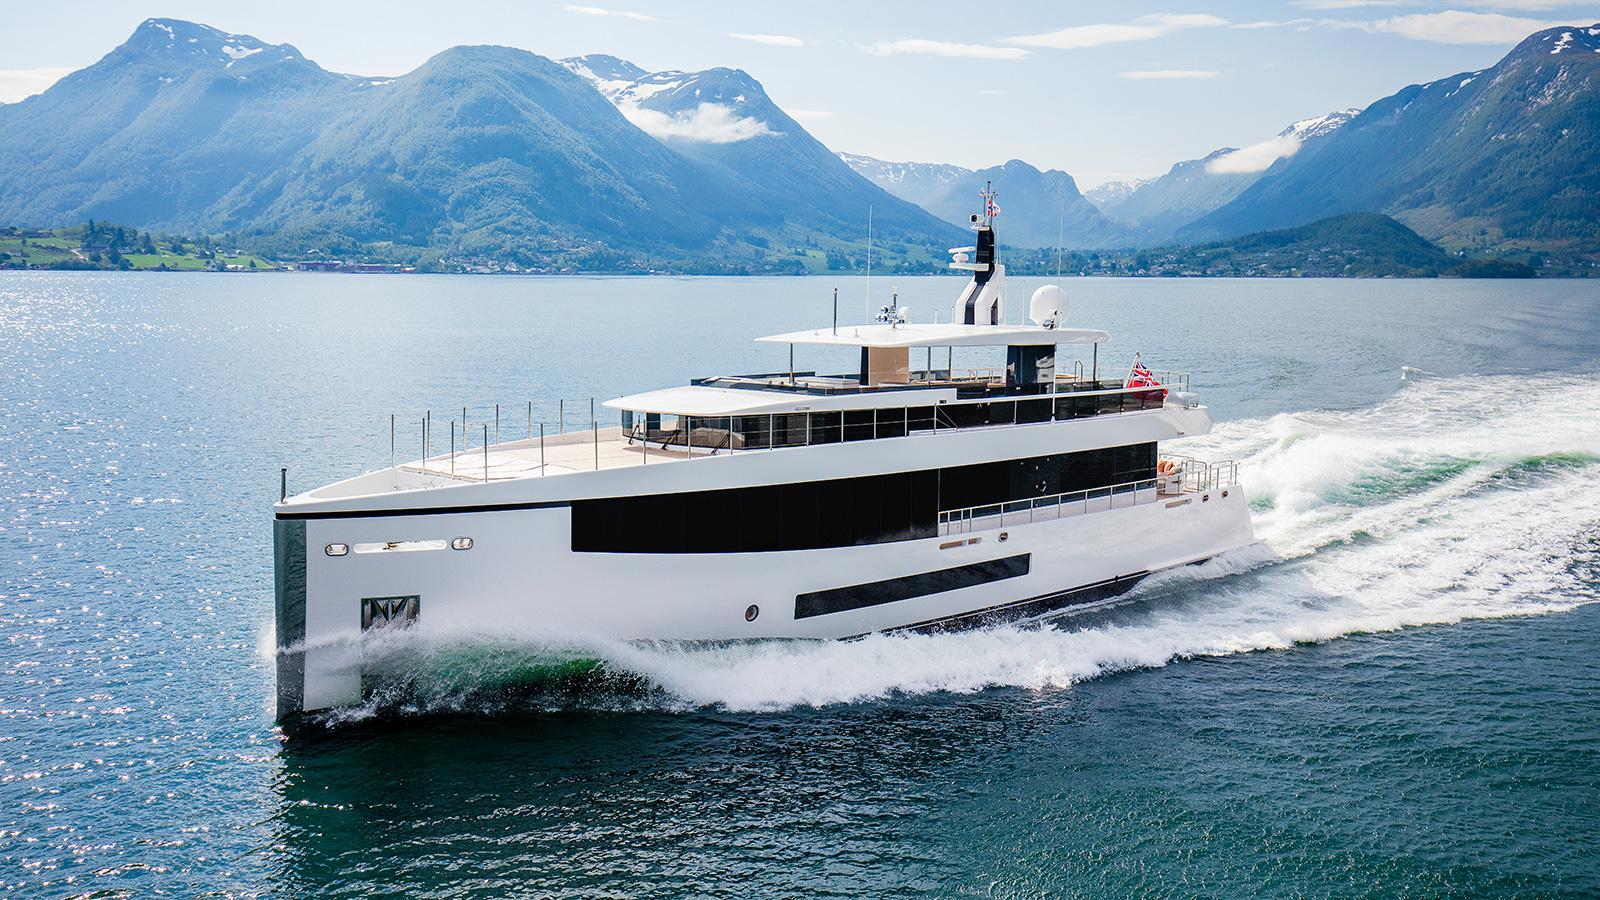 Kamino-super-yacht-feadship-2016-34-metres-running